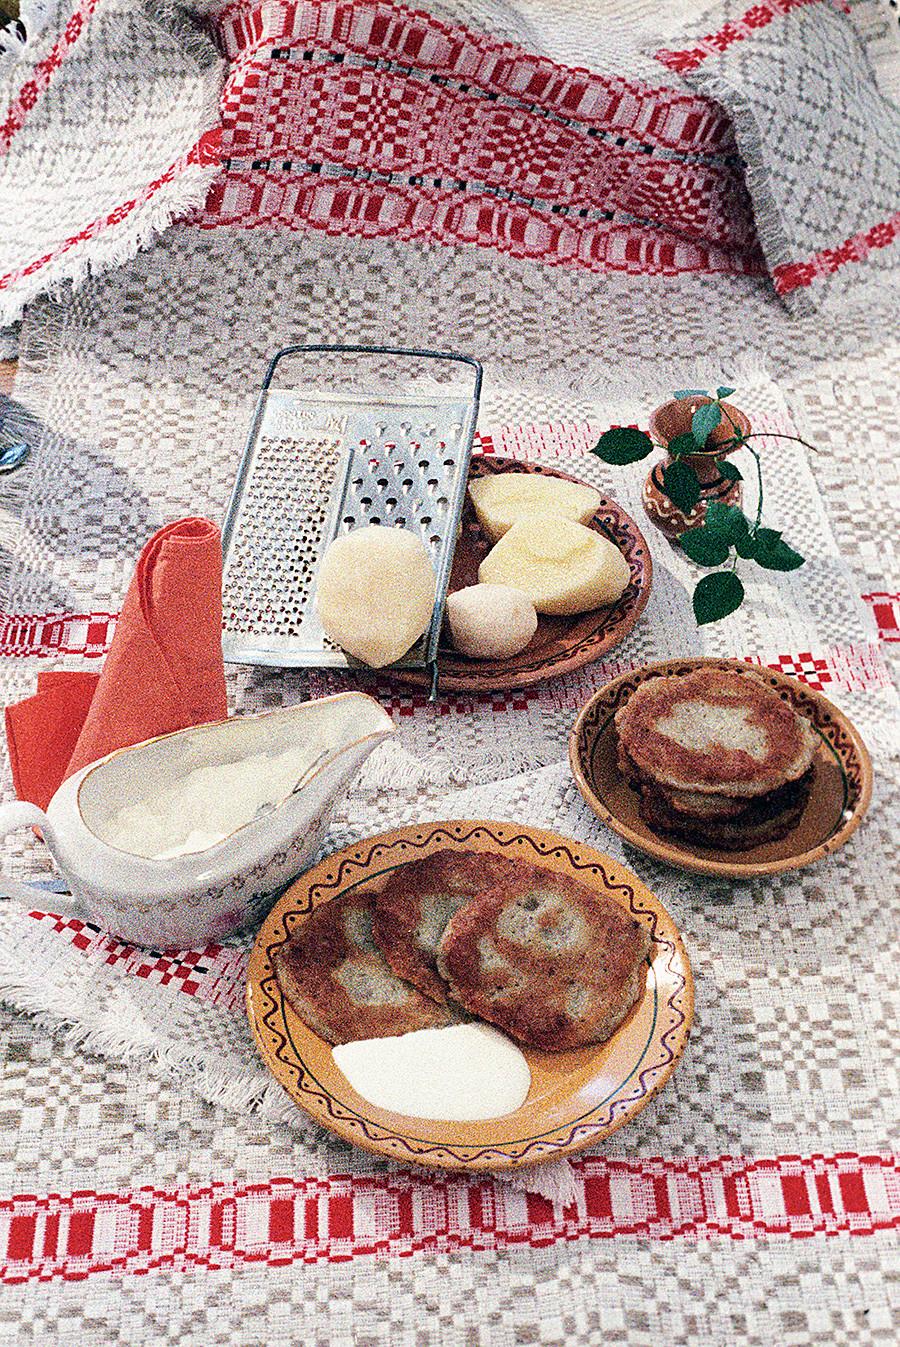 Драники, палачинке од кромпира, 1987.